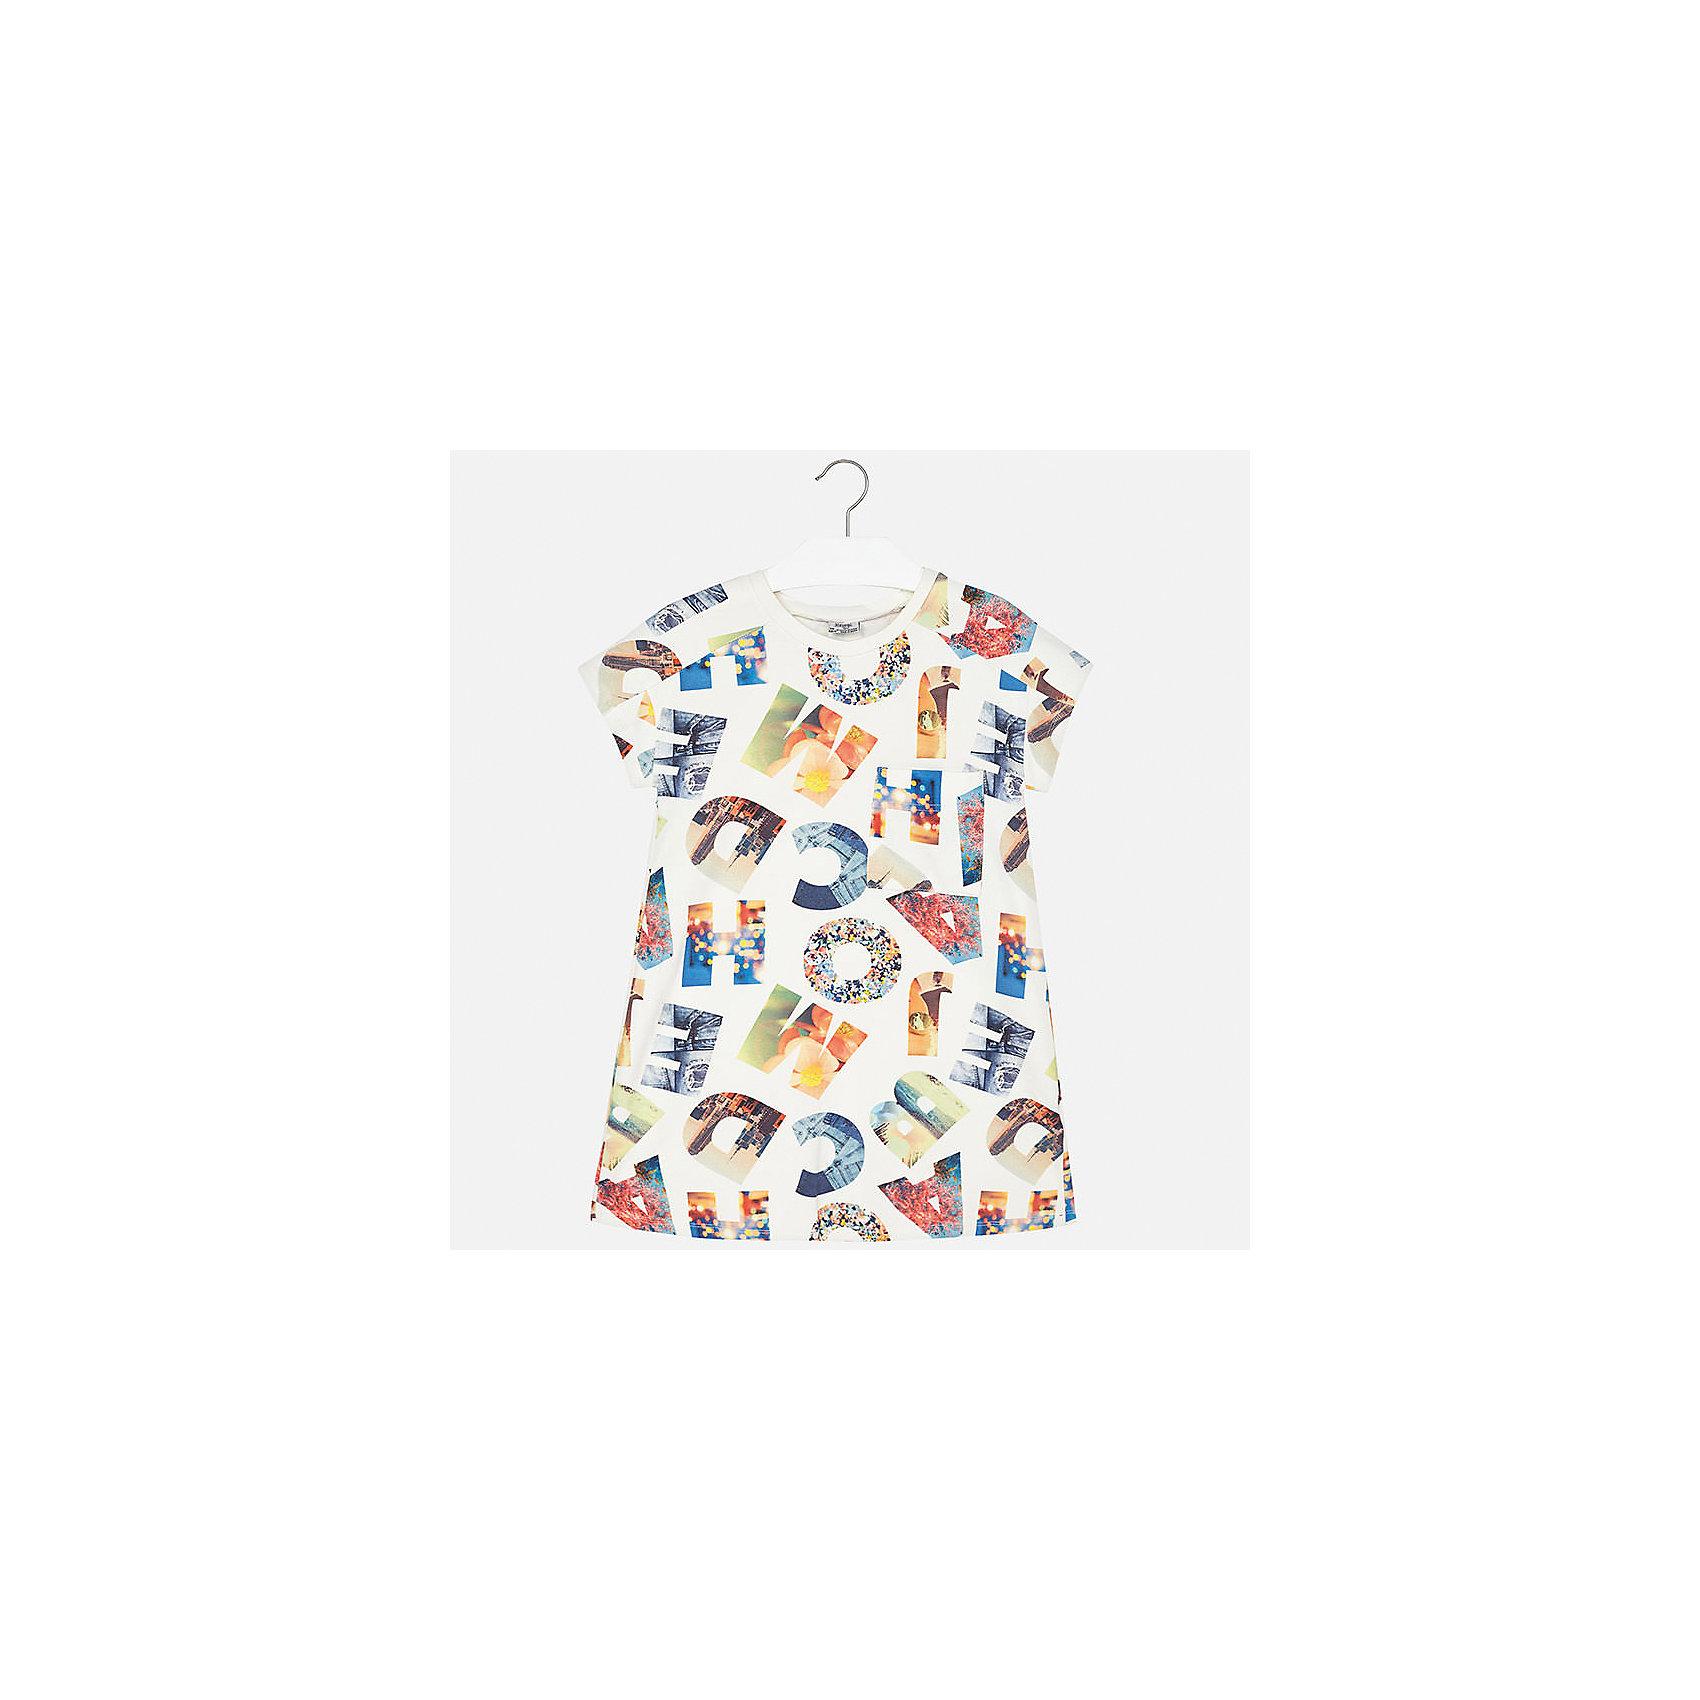 Платье для девочки MayoralПлатья и сарафаны<br>Характеристики товара:<br><br>• цвет: белый принт<br>• состав: 30% полиэстер, 65% вискоза, 5% эластан<br>• без застежки<br>• свободная посадка<br>• принт<br>• короткие рукава<br>• страна бренда: Испания<br><br>Стильное платье для девочки поможет разнообразить гардероб ребенка и создать эффектный наряд. Оно подойдет для различных случаев. Универсальный цвет позволяет подобрать к вещи обувь разных расцветок. Платье хорошо сидит по фигуре.<br><br>Одежда, обувь и аксессуары от испанского бренда Mayoral полюбились детям и взрослым по всему миру. Модели этой марки - стильные и удобные. Для их производства используются только безопасные, качественные материалы и фурнитура. Порадуйте ребенка модными и красивыми вещами от Mayoral! <br><br>Платье для девочки от испанского бренда Mayoral (Майорал) можно купить в нашем интернет-магазине.<br><br>Ширина мм: 236<br>Глубина мм: 16<br>Высота мм: 184<br>Вес г: 177<br>Цвет: розовый<br>Возраст от месяцев: 168<br>Возраст до месяцев: 180<br>Пол: Женский<br>Возраст: Детский<br>Размер: 170,128/134,140,152,158,164<br>SKU: 5293327